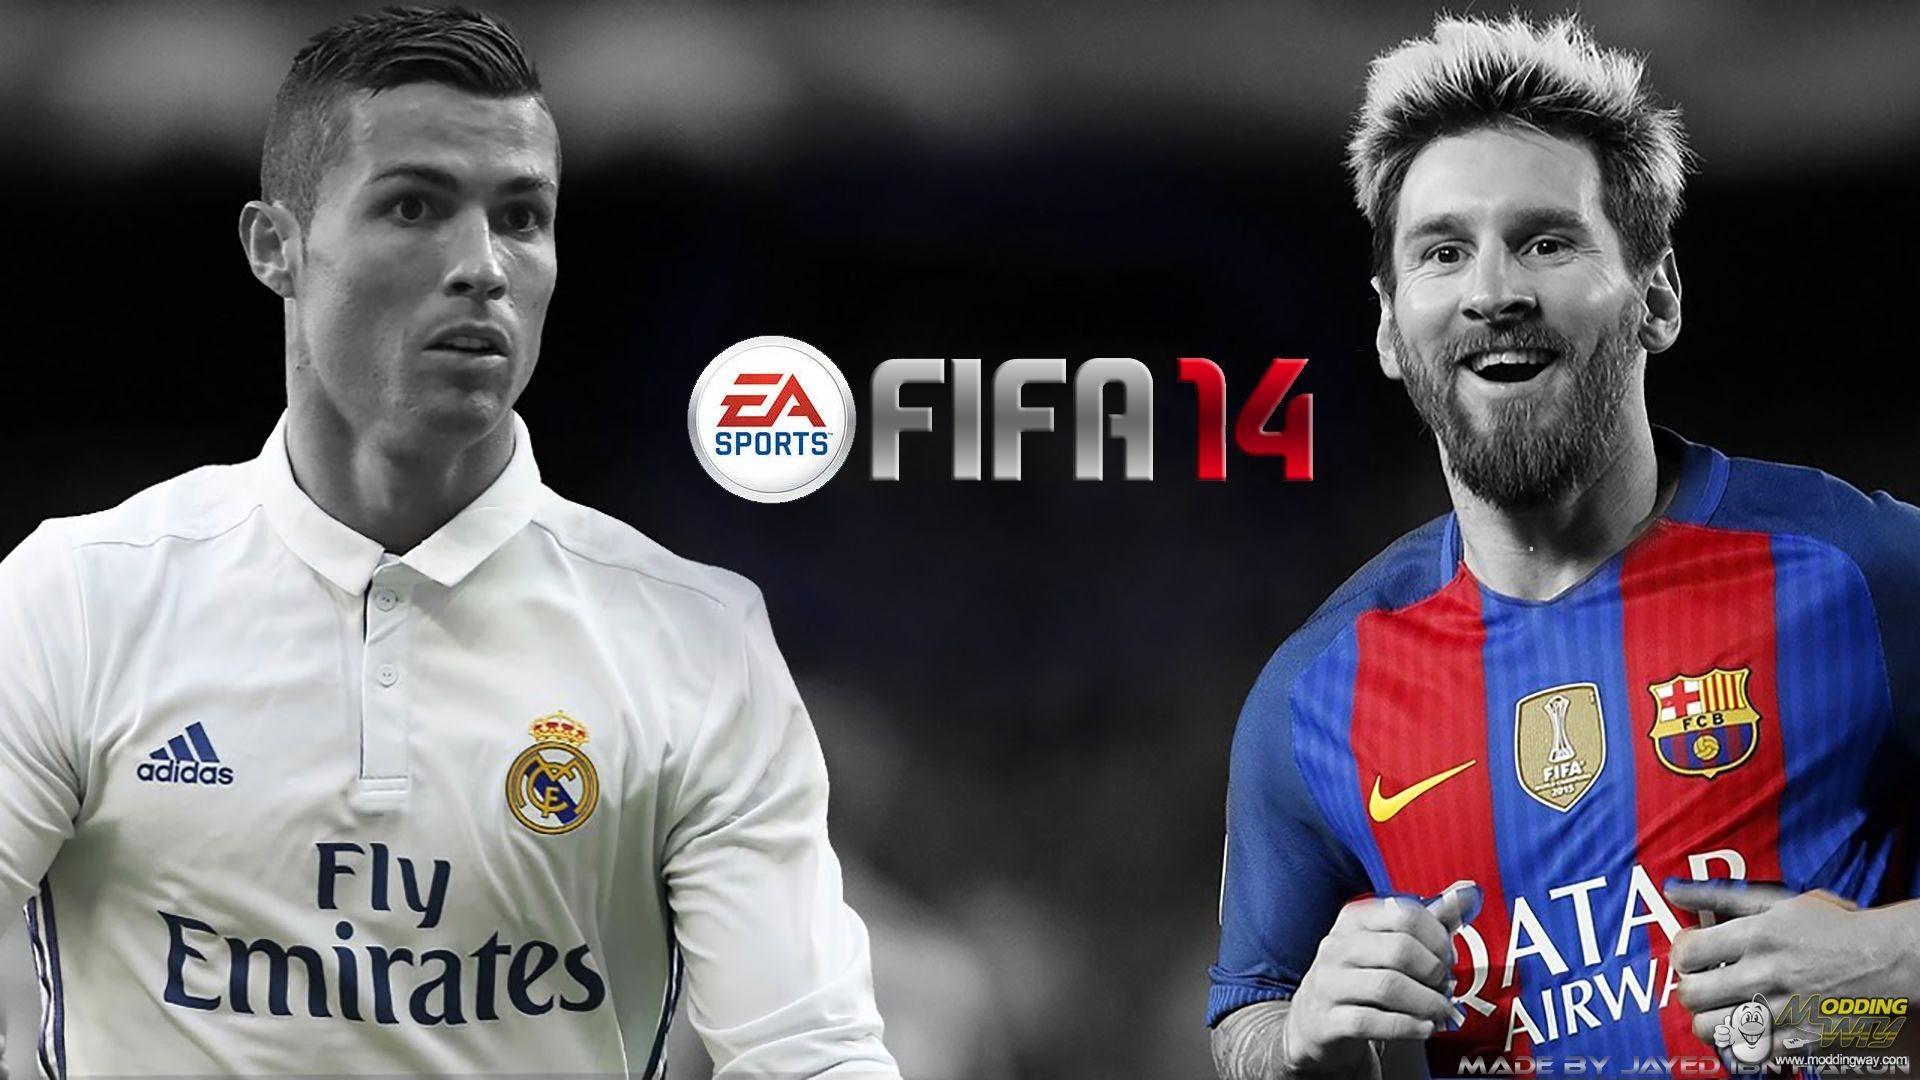 Messi vs ronaldo wallpaper 2018 82 images 1920x1080 lionel messi full hd wallpaper 1920x1080 voltagebd Images